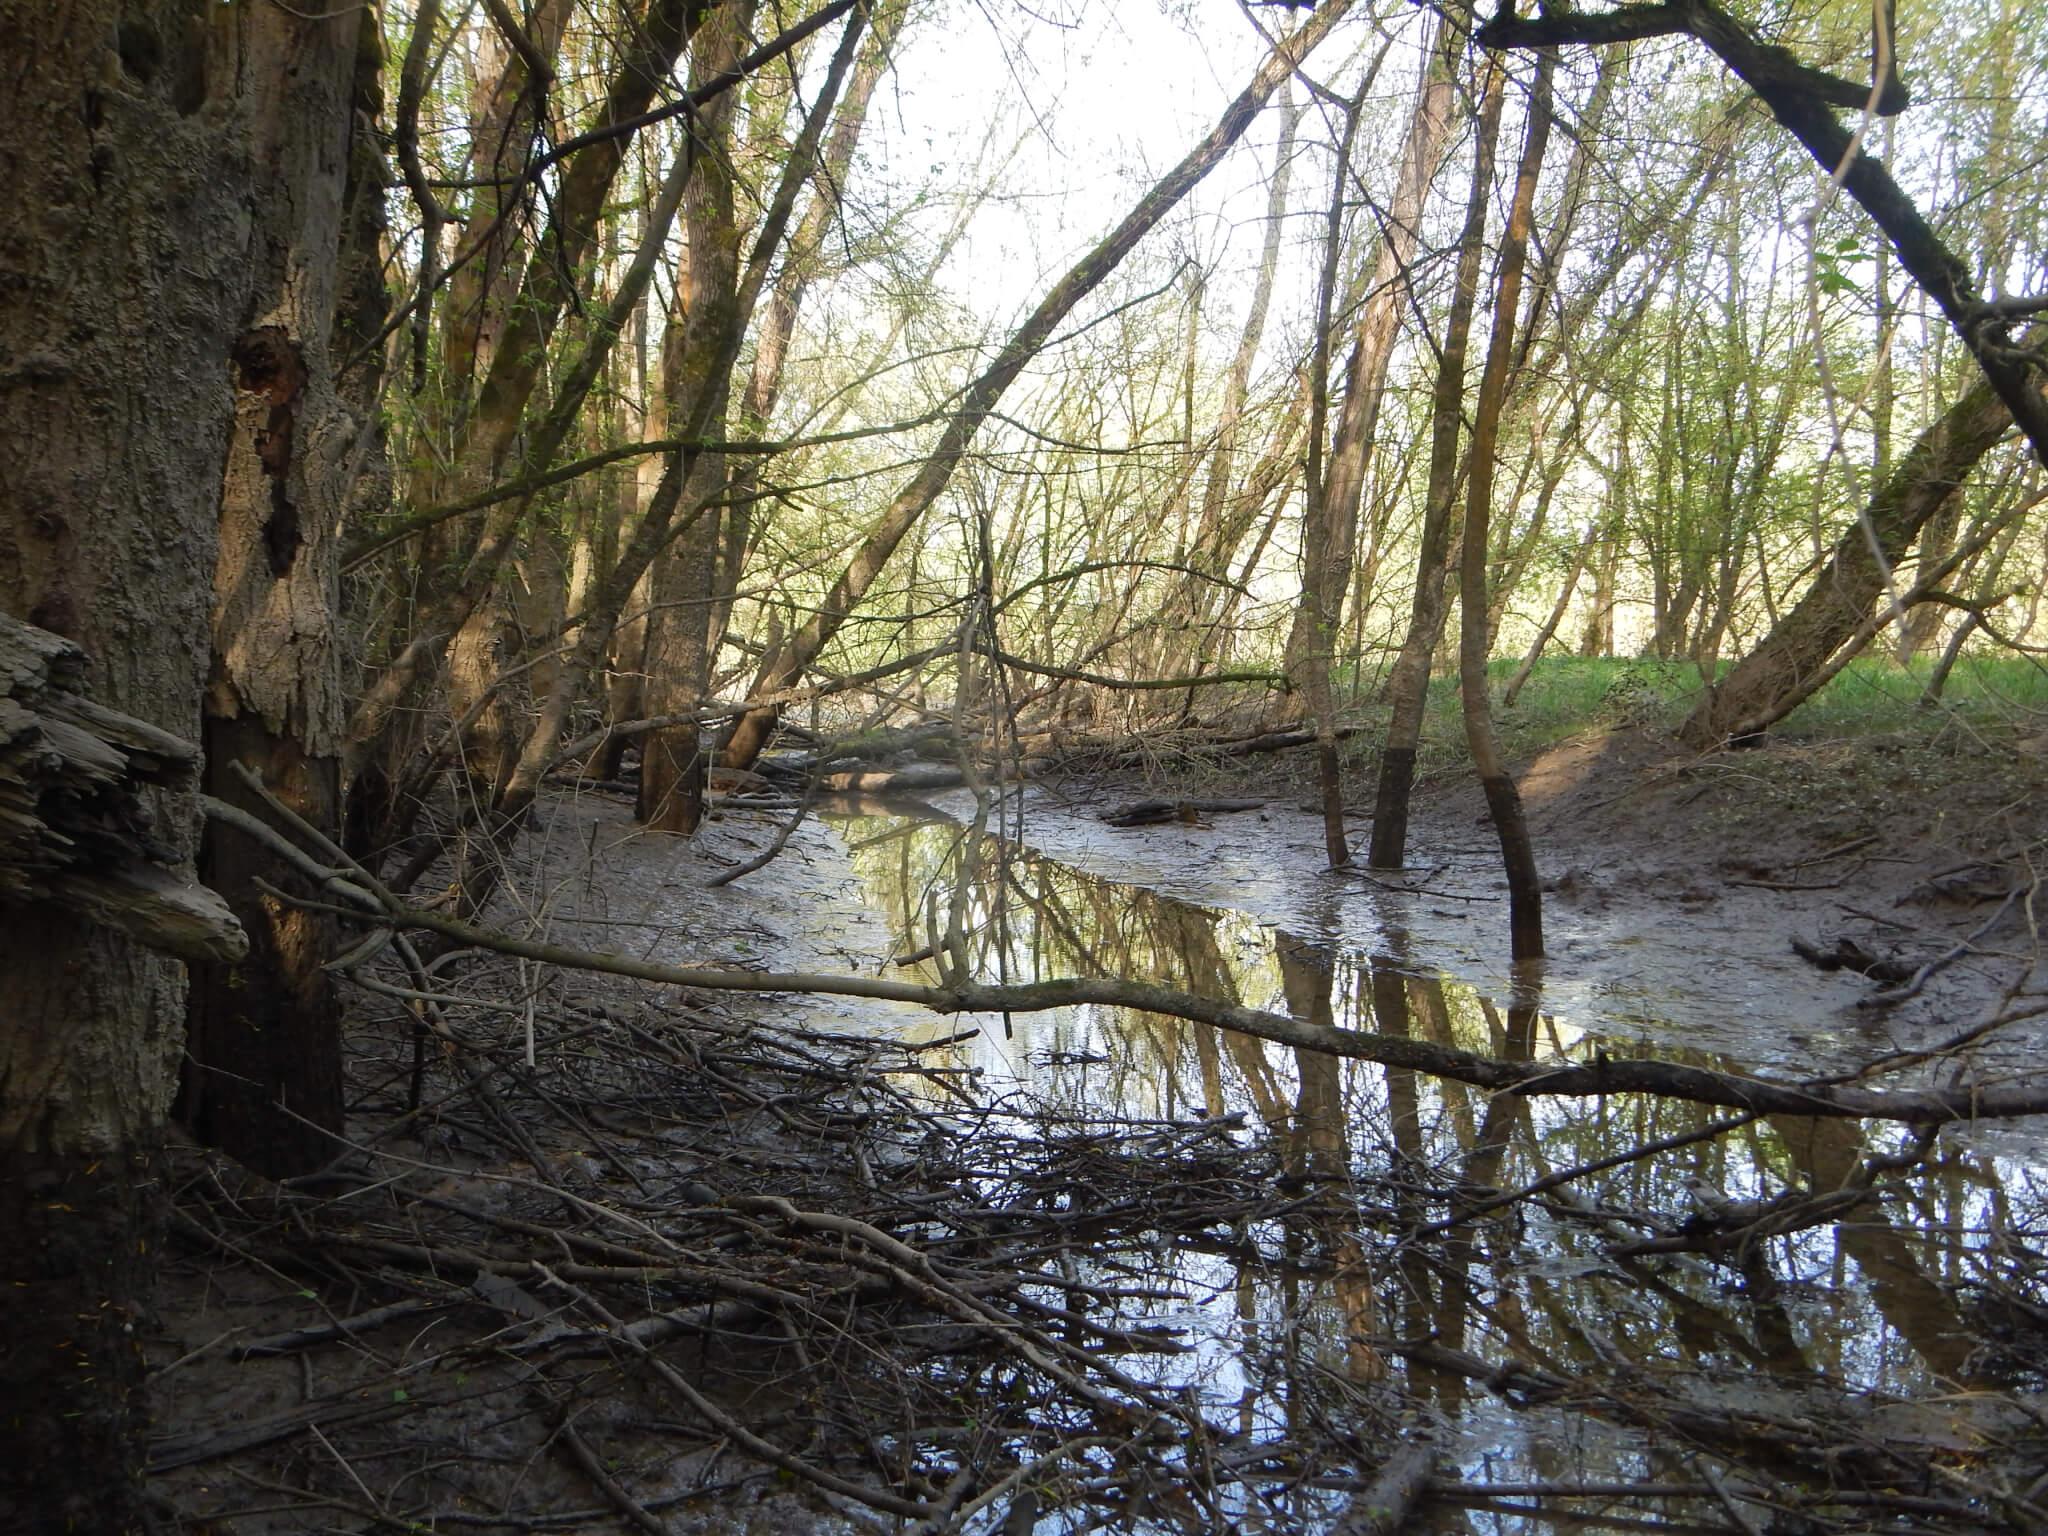 l'annexe hydraulique encombrée par les bois